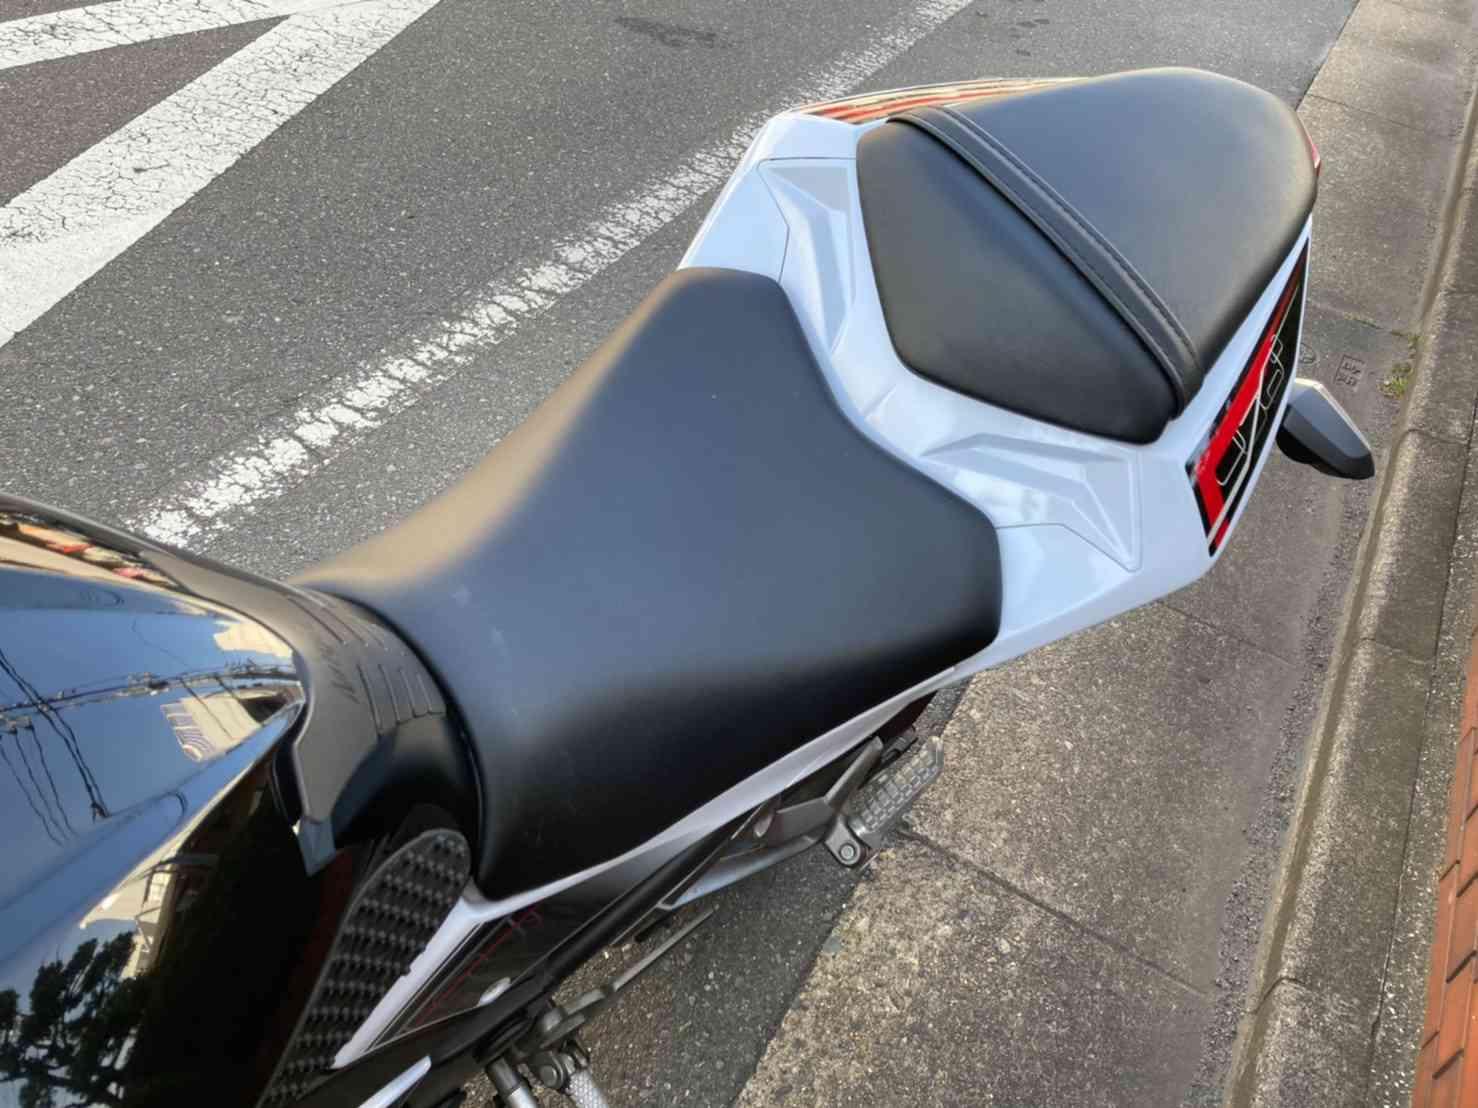 レンタルバイク【ニンジャ250】シート形状